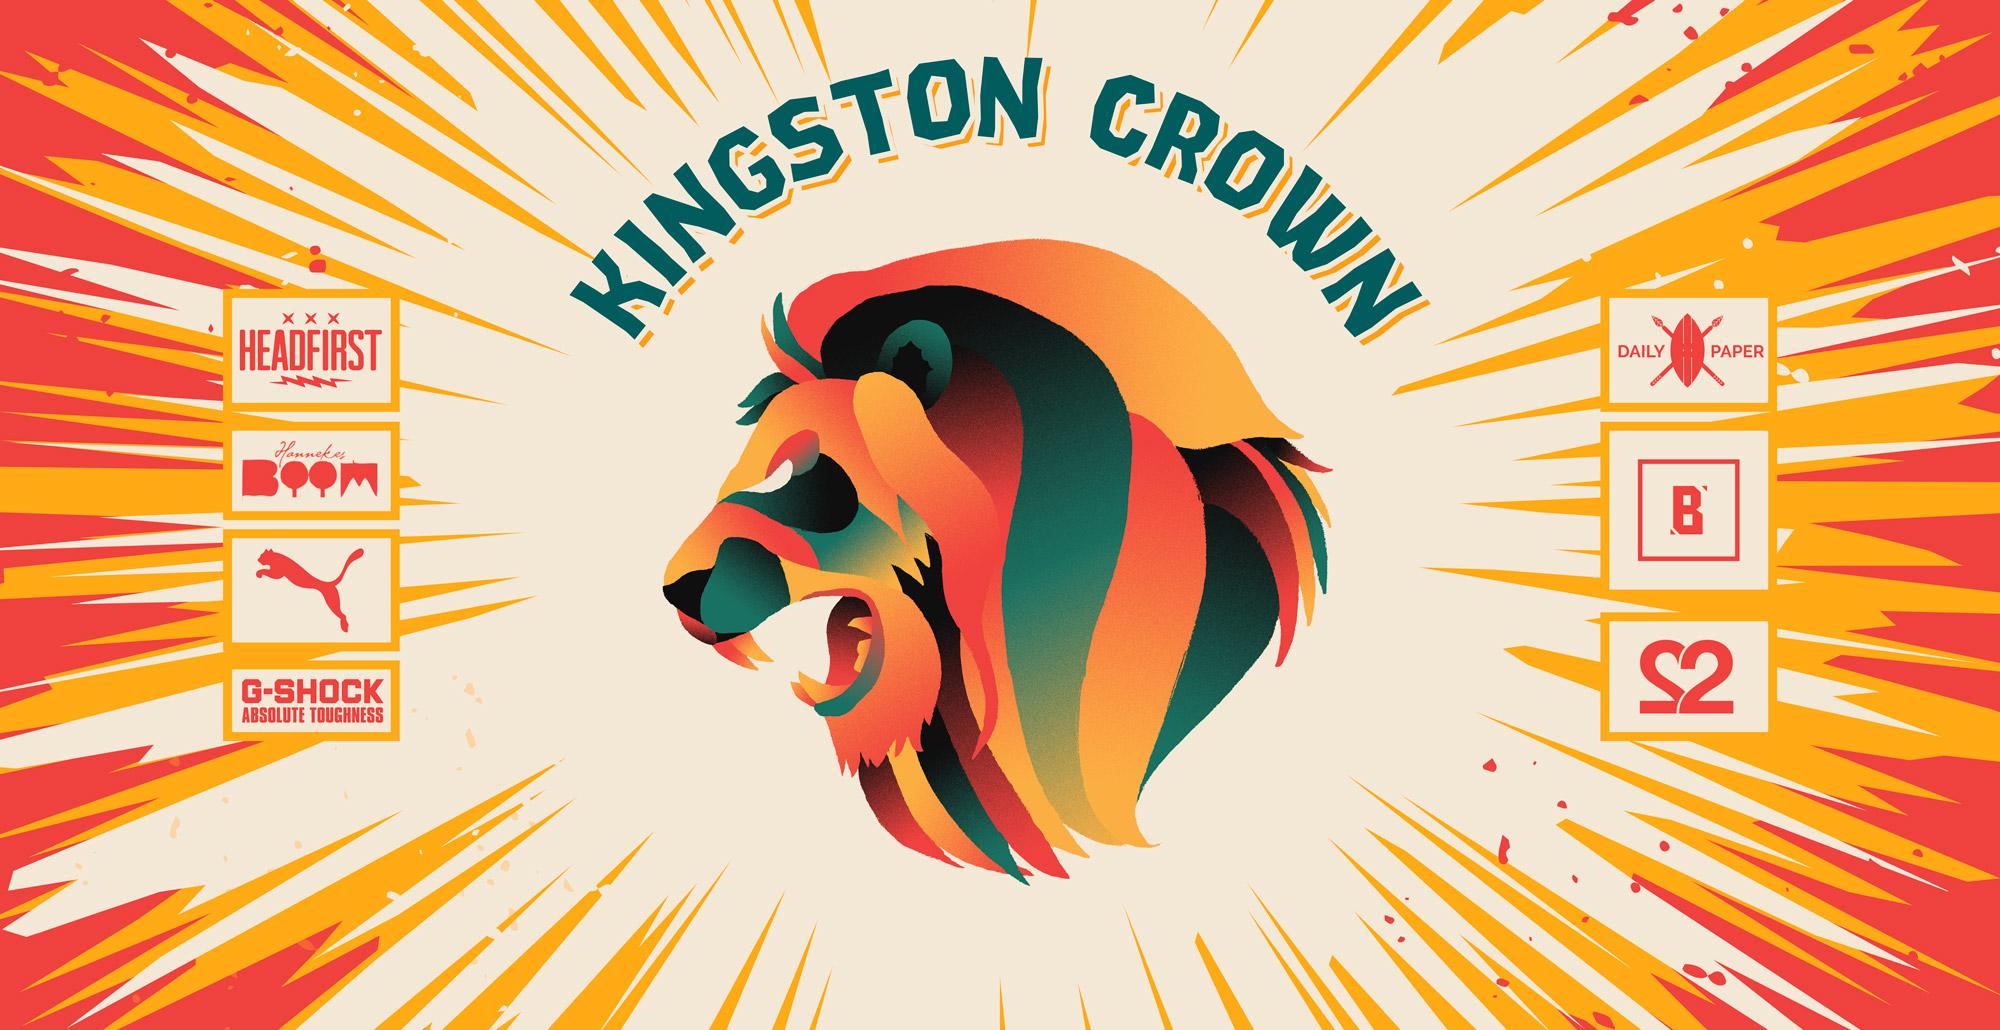 kingston_crown_hekwerk.jpg